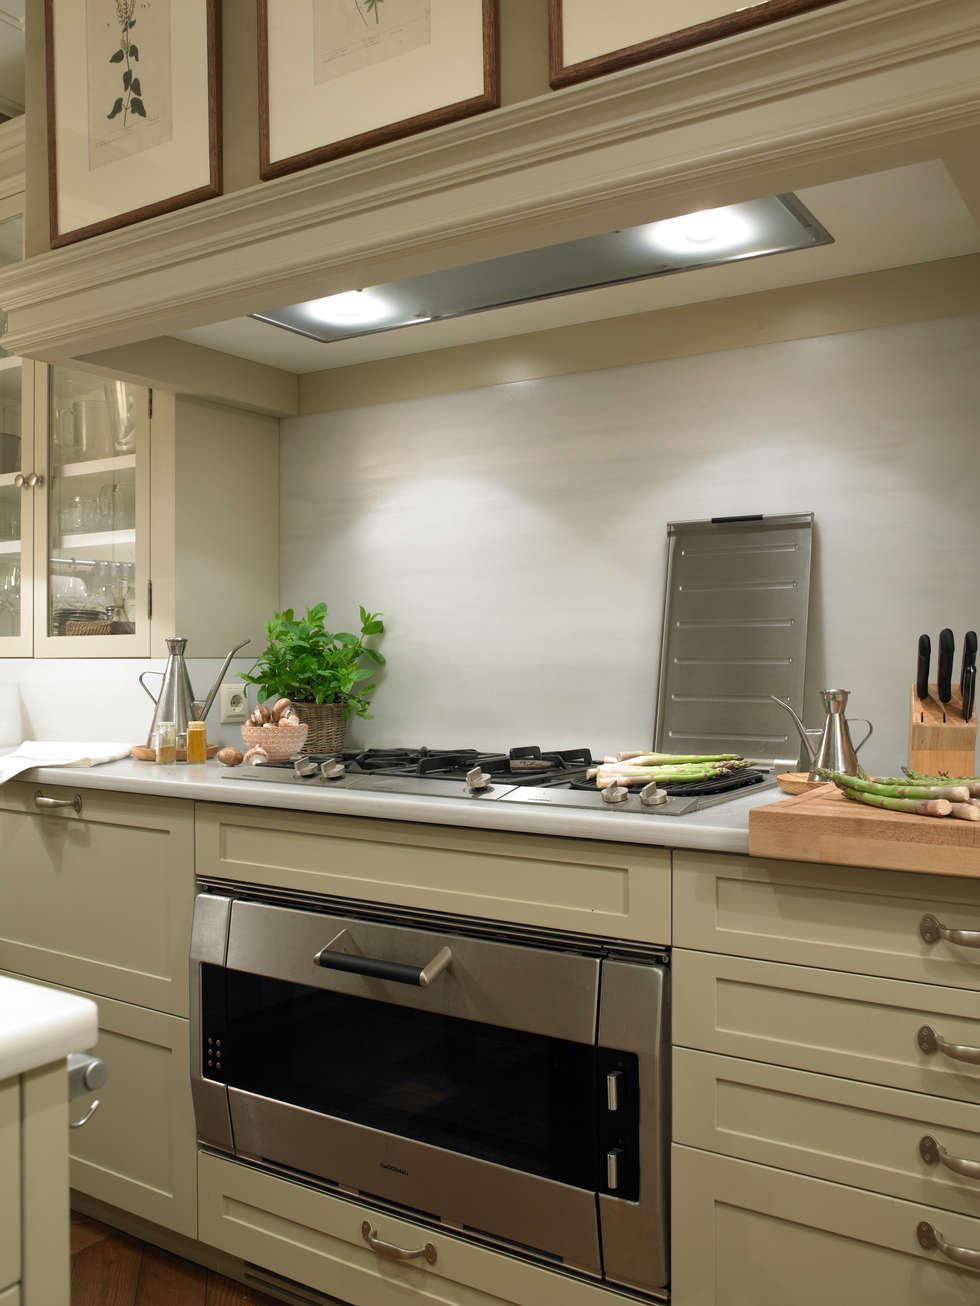 Fotos De Decoraci N Y Dise O De Interiores Homify # Muebles De Cocina Gaggenau